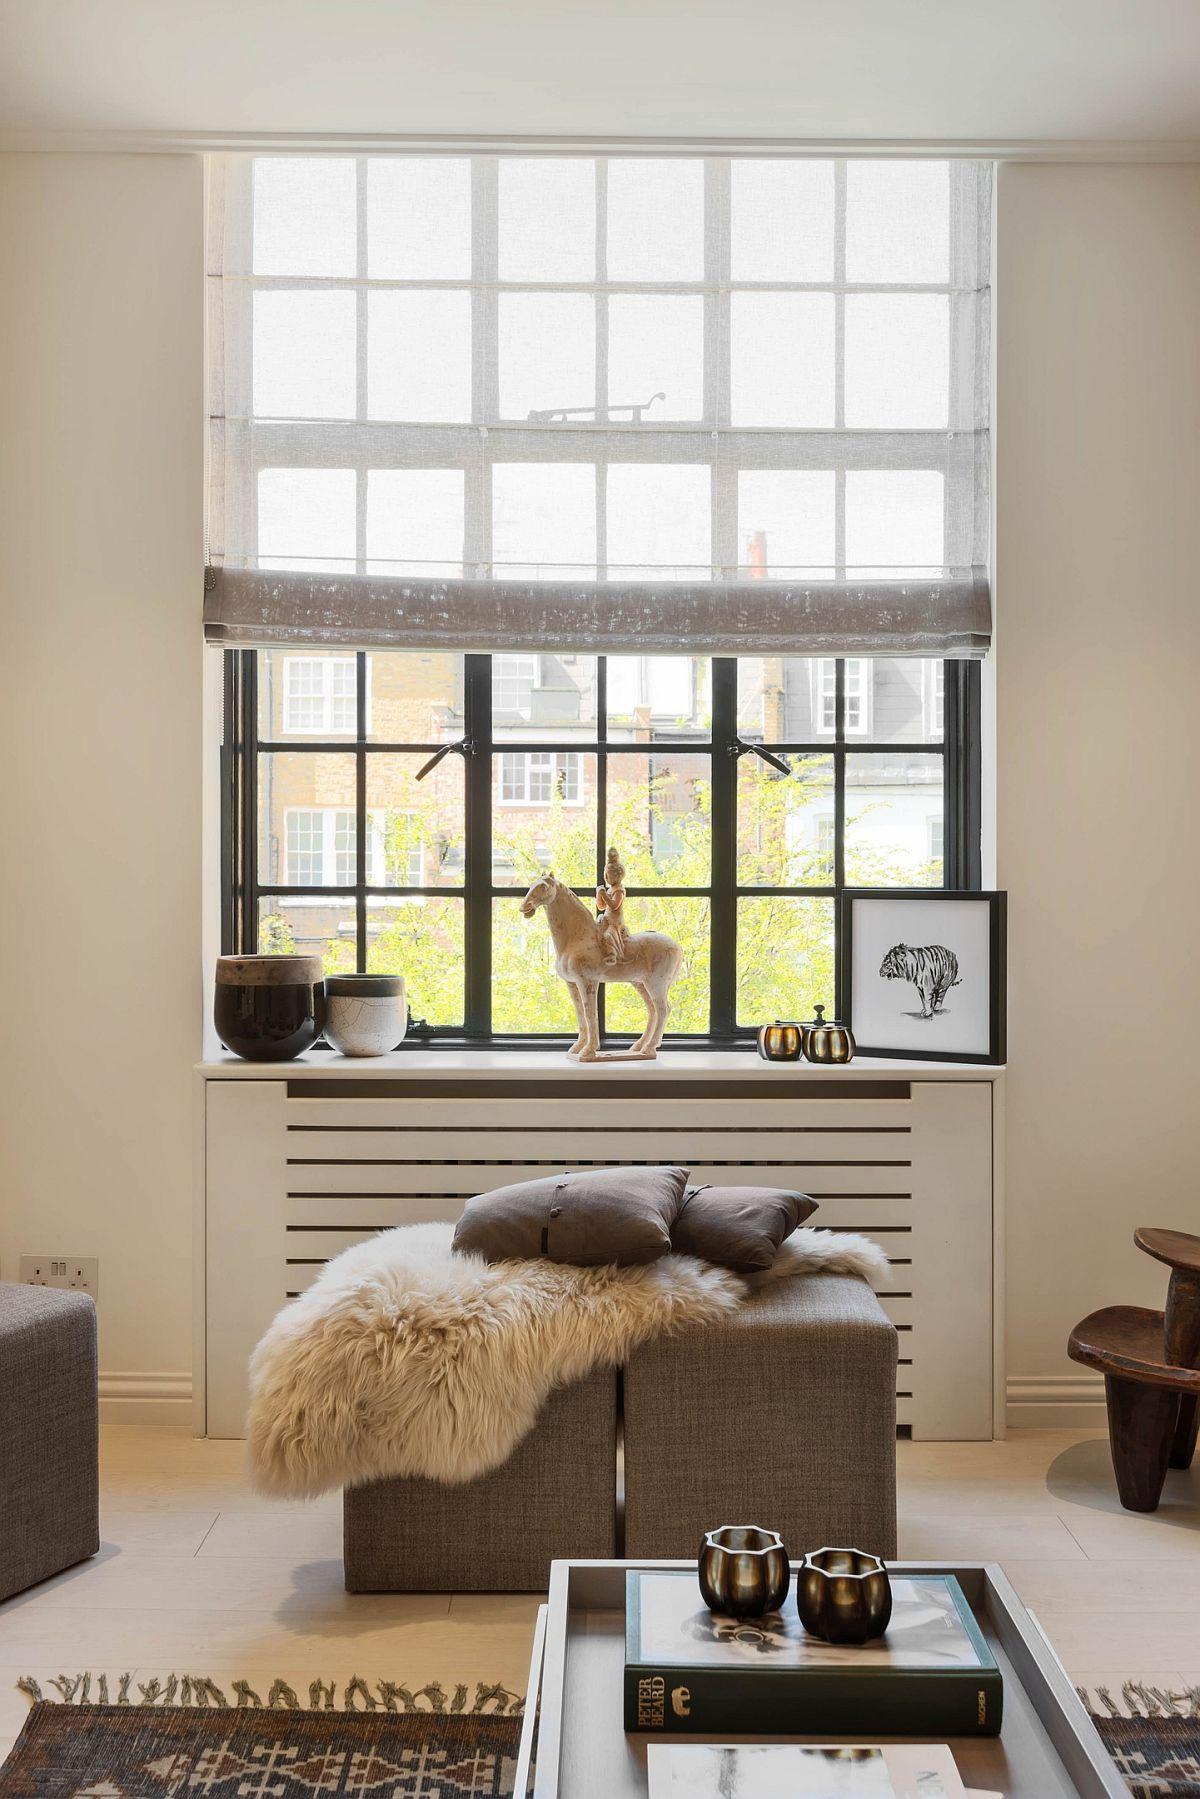 Singura fereastră din camera garsonierei este decorată astfel încât să pătrundă cât mai multă lumină naturală, iar suprafața geamului să fie în mare parte la vedere (prin instalarea unui stor). Masca de calorifer ascunde un element tehnic, dar devine și piesă de mobilier - loc de expunere a obiectelor decorative. În fața ferestre două taburete sunt piese versatile ce pot fi folosite în zona de conversație, dar și sprijin pentru picioare cînd se stă pe canapea. Ele nu ocupă mult spațiu în cameră, dar sunt utile.